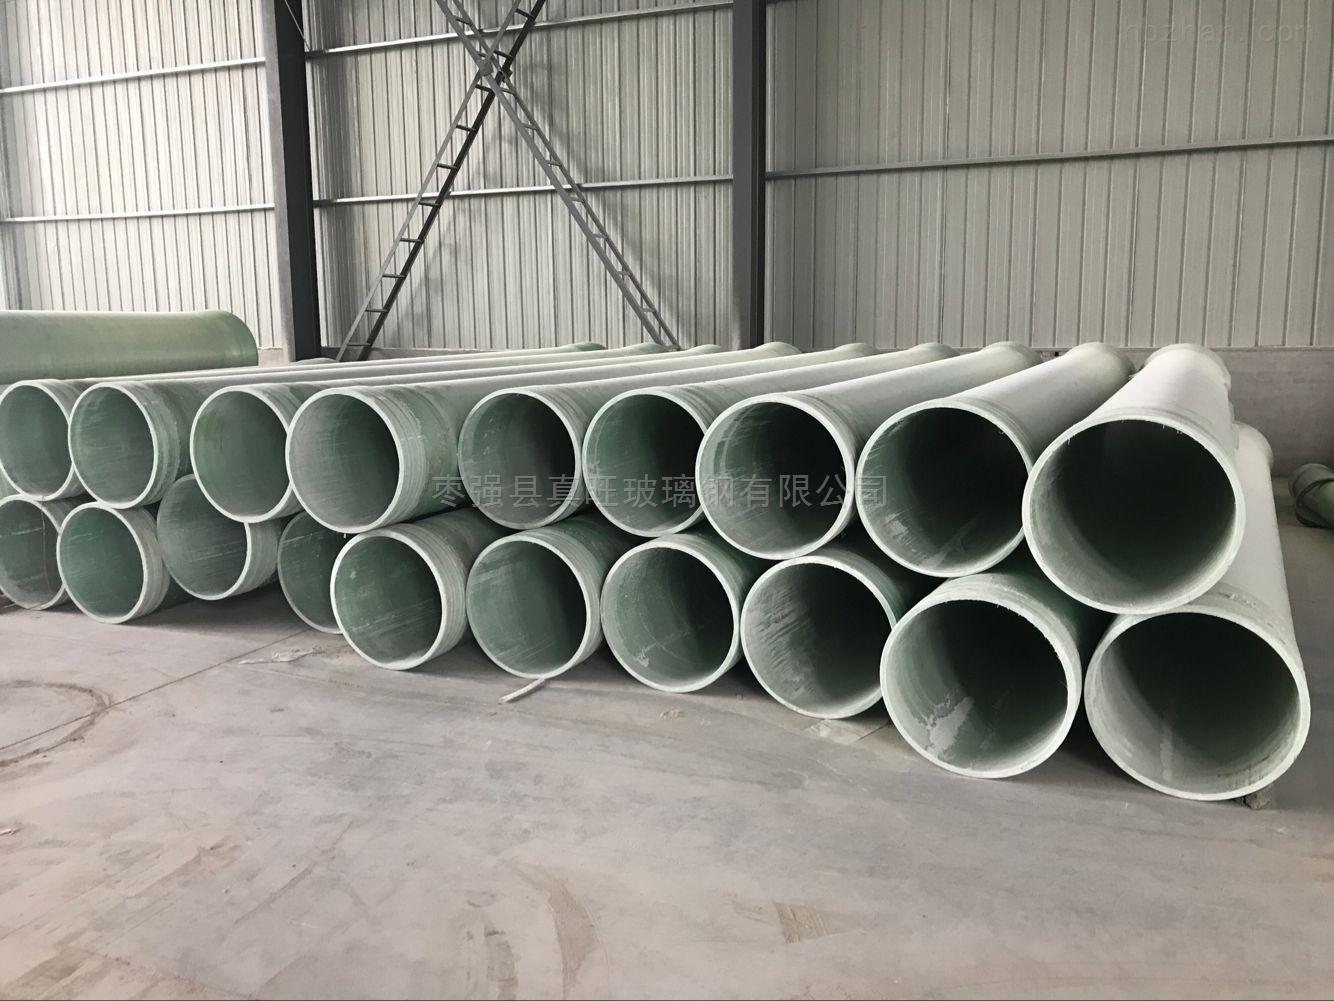 玻璃钢管道设备